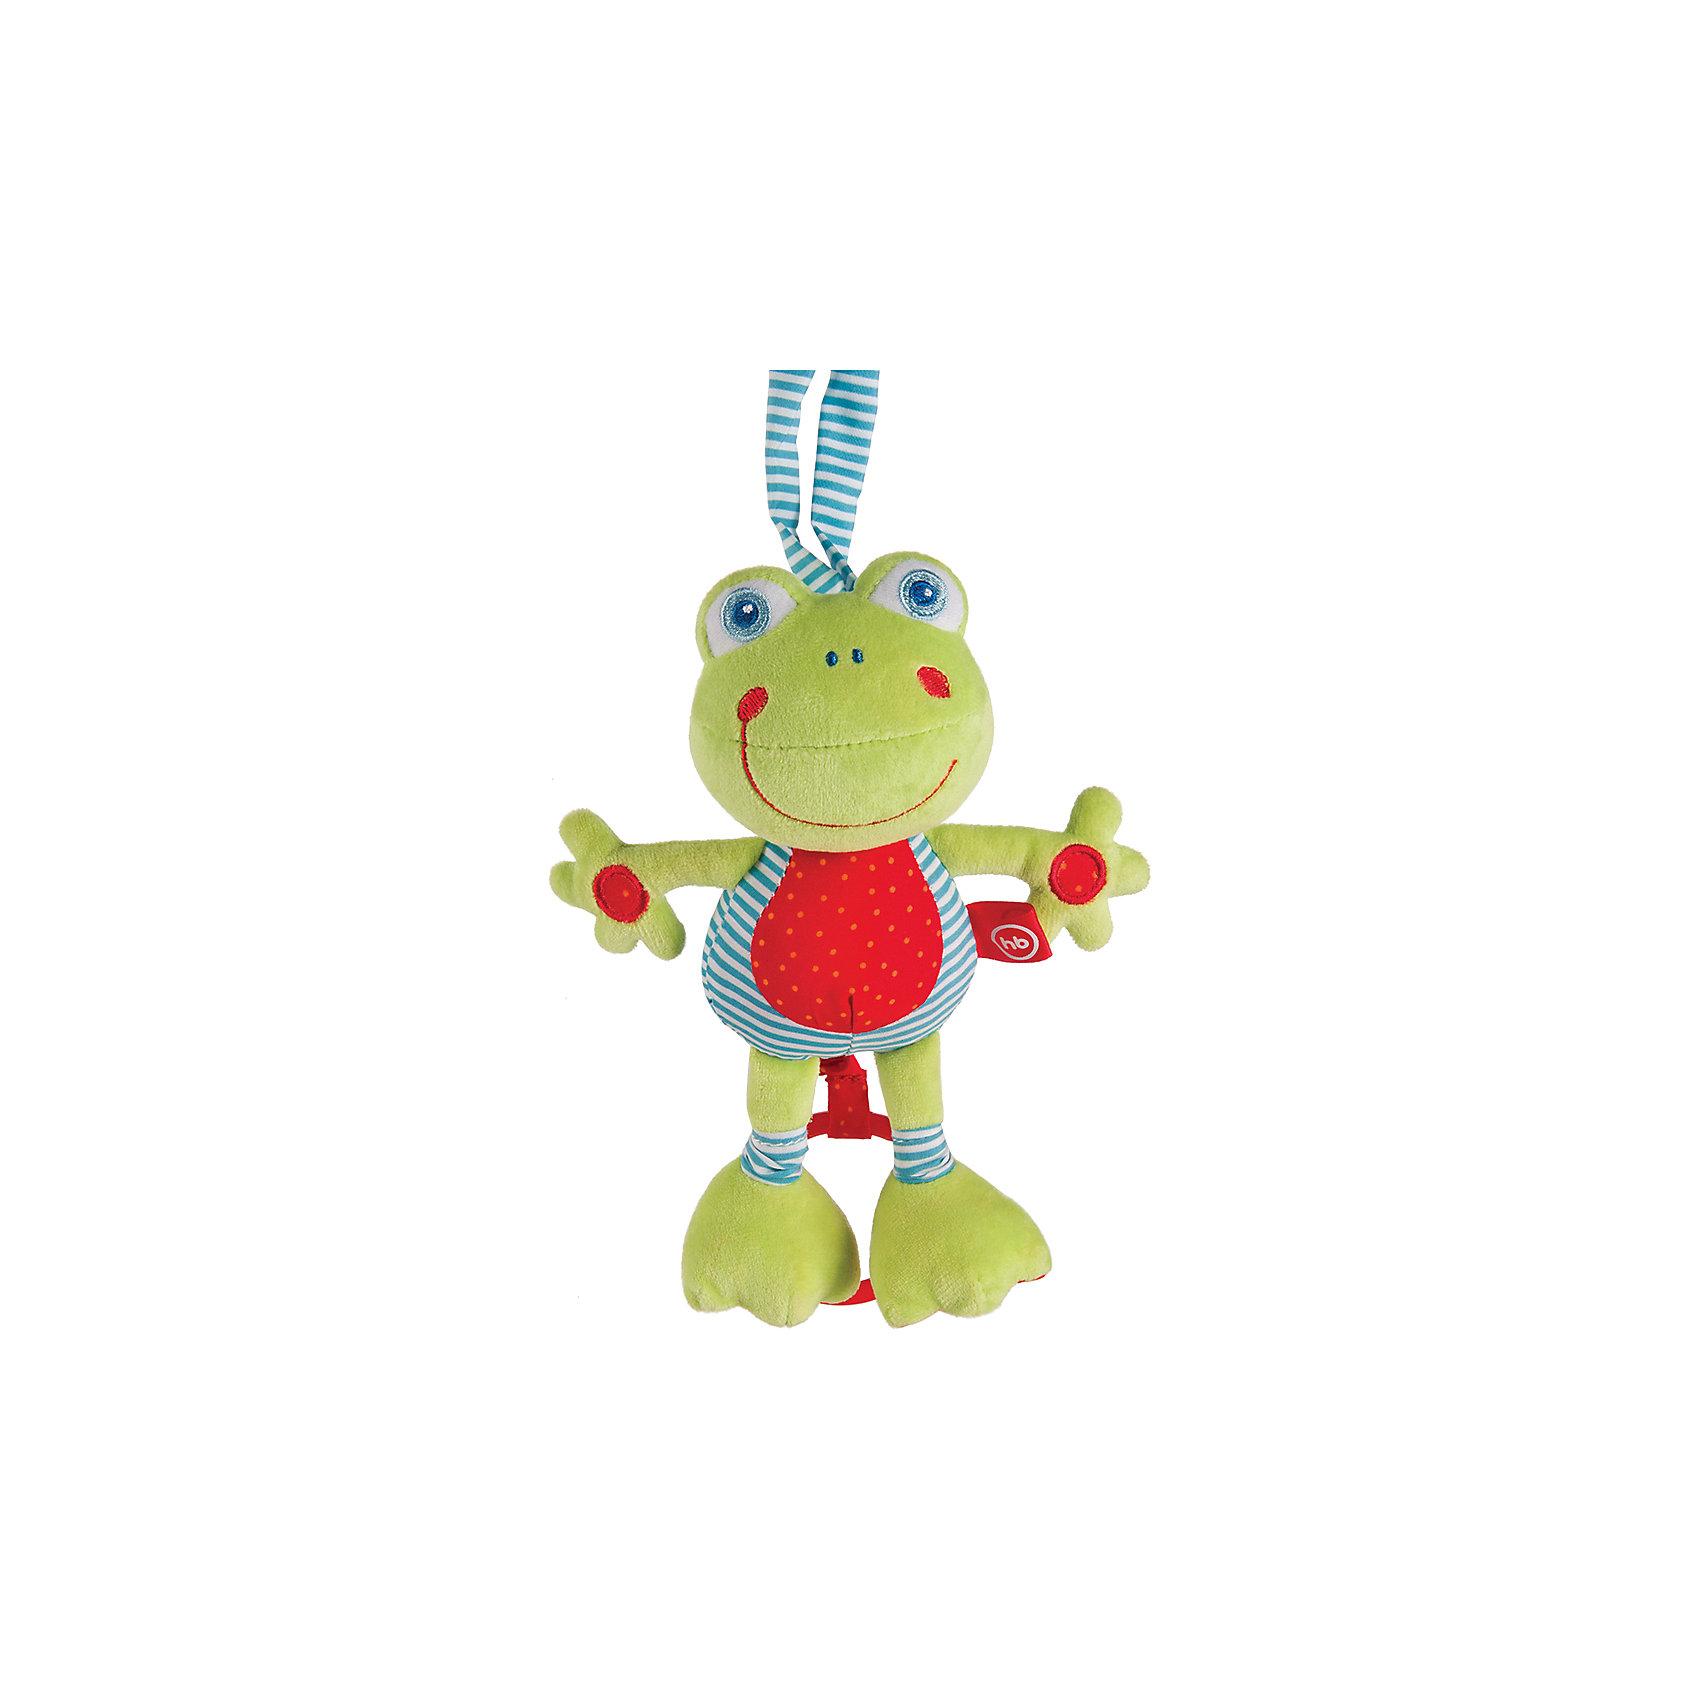 Игрушка мягконабивная Frolic Frogling, Happy babyМягкие игрушки<br>Характеристики:<br><br>• Вид игр: развивающие, обучающие<br>• Материал: полиэстер, хлопок<br>• Тип крепления: завязки<br>• Наличие звуковых, шумовых эффектов<br>• Наличие вибрации<br>• Вес: 200 г<br>• Параметры (Д*Ш*В): 8*20,5*33,5 см <br>• Особенности ухода: влажная и сухая чистка<br><br>Игрушка мягконабивная Frolic Frogling, Happy baby выполнена в виде веселого лягушонка, у которого хвостик умеет расправляться и собираться по типу пружинки. Для этого достаточно потянуть за хвостик, он вытянется, а при возвращении к исходной длине игрушка вибрирует. Котик состоит из элементов разного цвета, фактуры и с различными звуковыми эффектами. Игры с такой игрушкой будут способствовать зрительному и слуховому восприятию, координации движений, будут развивать мелкую моторику рук и эмоциональную сферу ребенка.   <br><br>Игрушку мягконабивную Frolic Frogling, Happy baby можно купить в нашем интернет-магазине.<br><br>Ширина мм: 80<br>Глубина мм: 205<br>Высота мм: 335<br>Вес г: 200<br>Возраст от месяцев: 0<br>Возраст до месяцев: 18<br>Пол: Унисекс<br>Возраст: Детский<br>SKU: 5621715